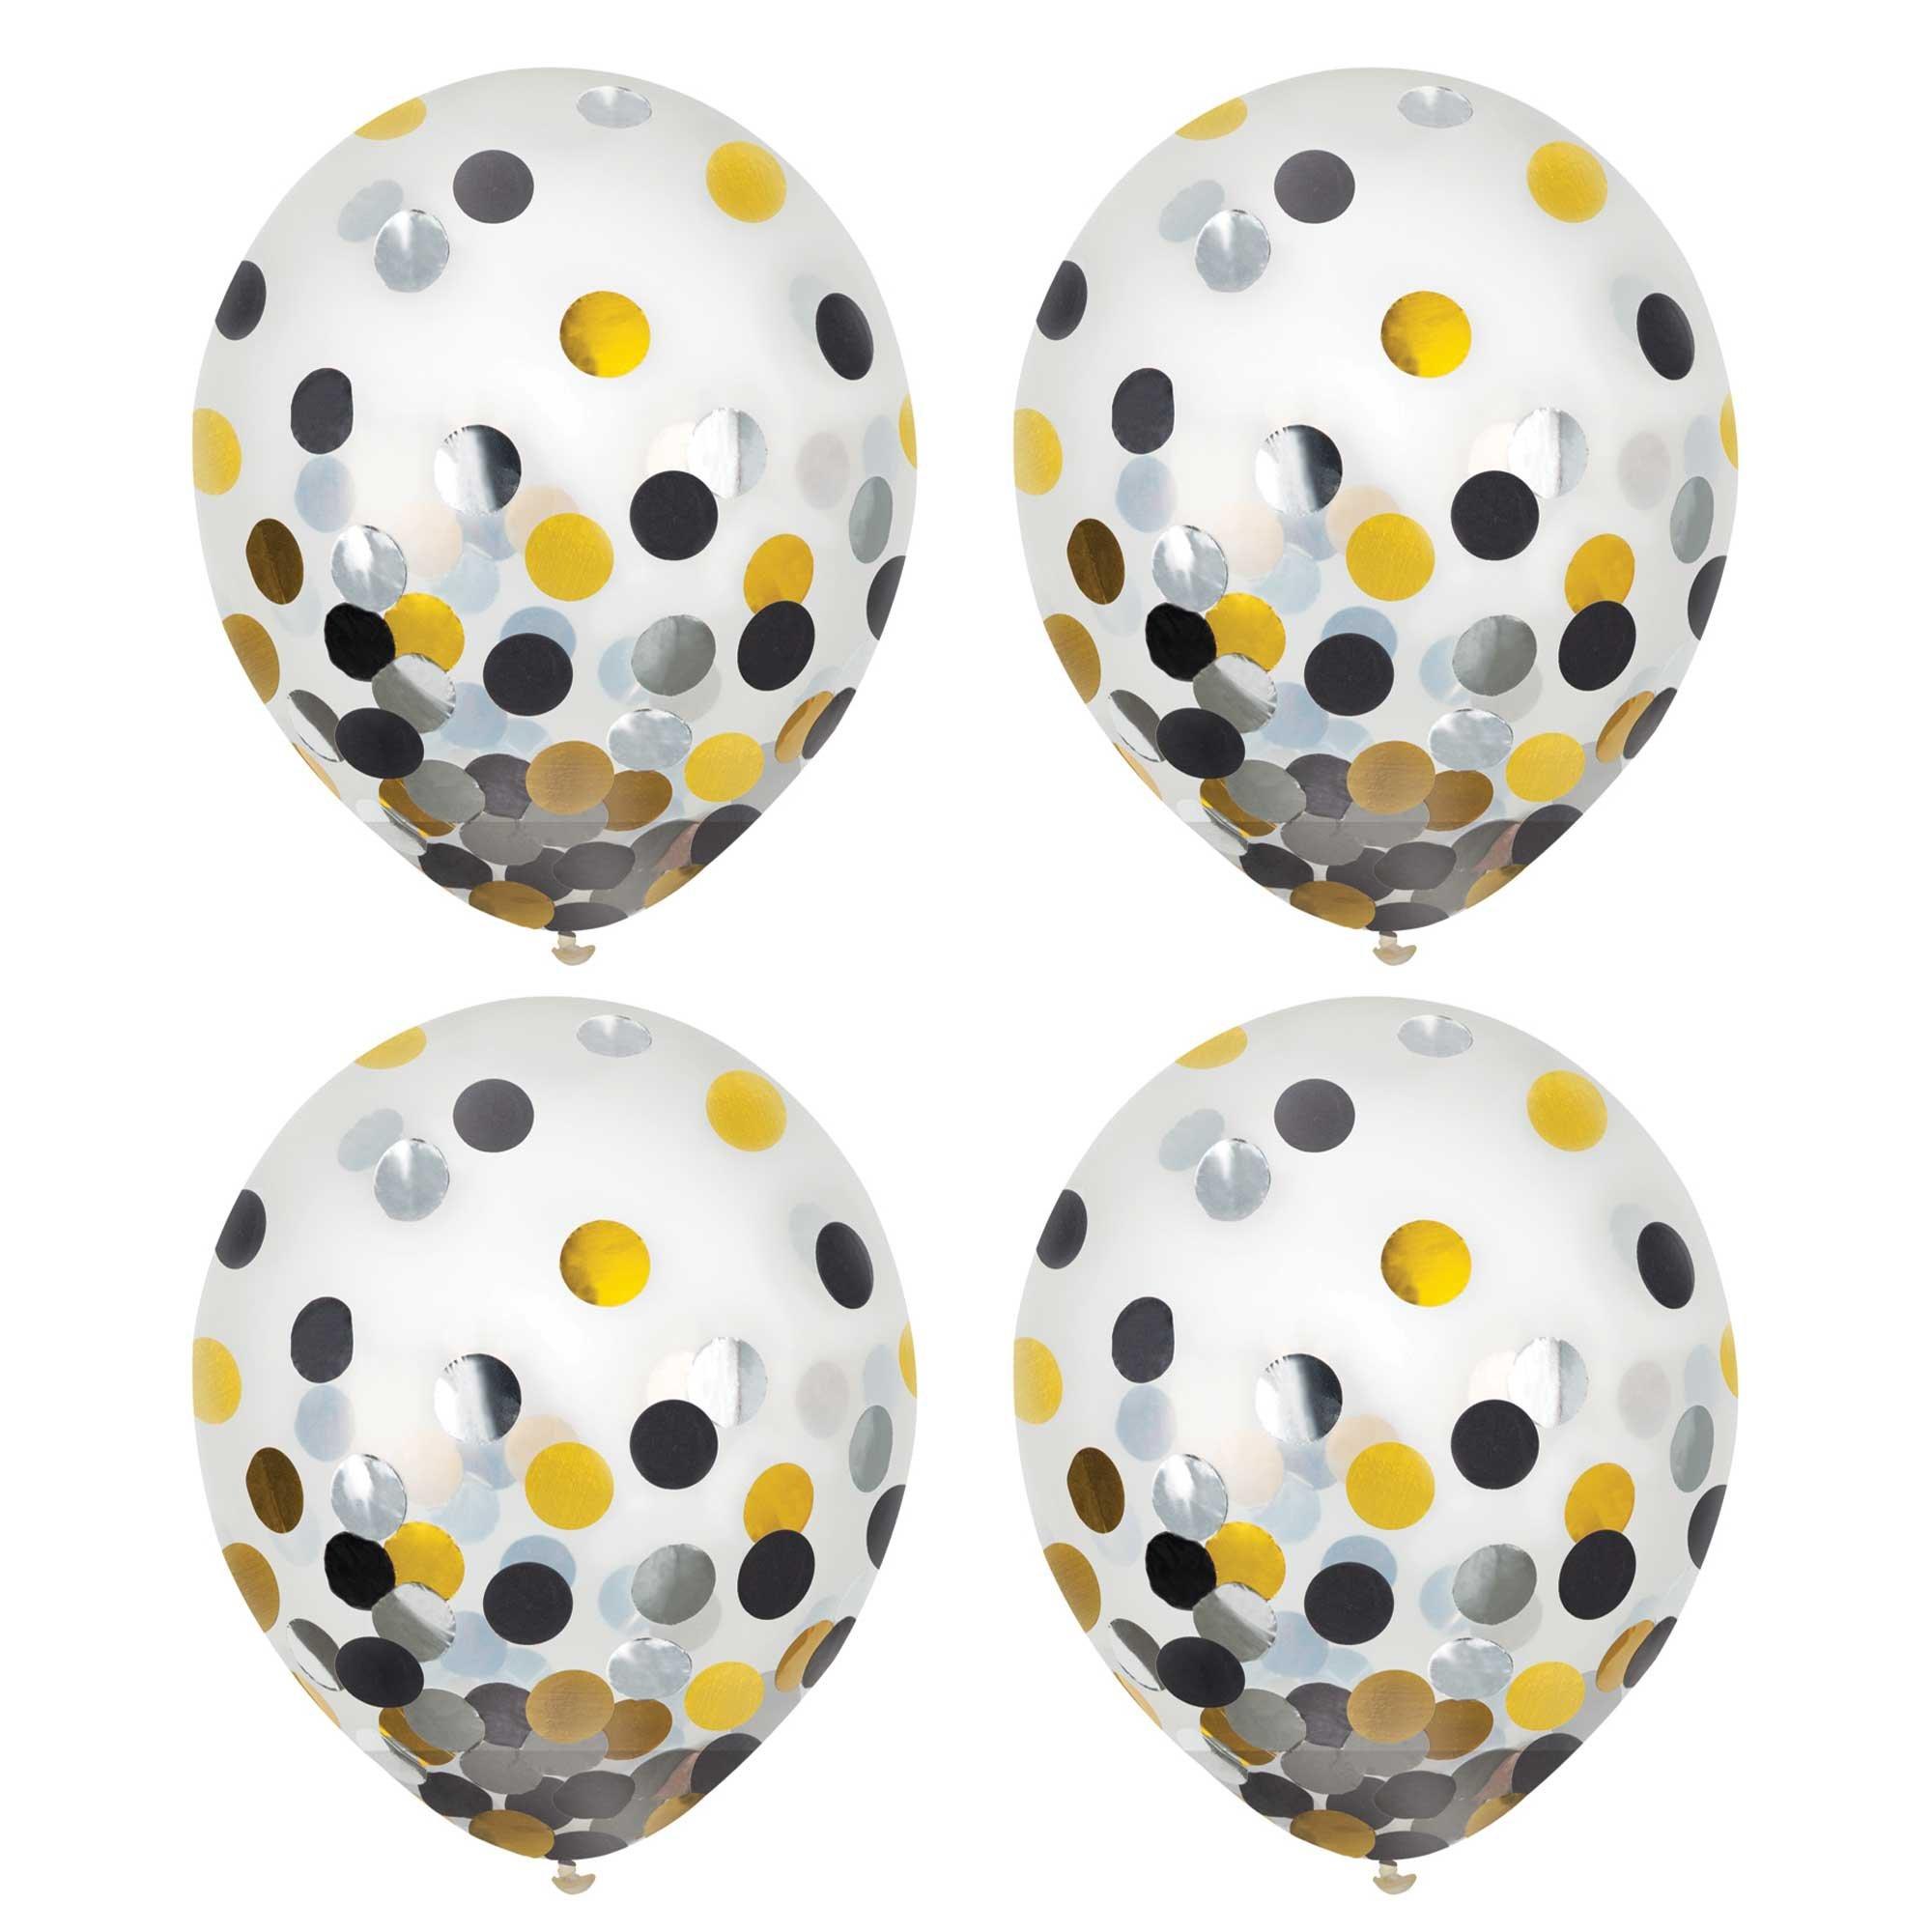 Latex Balloons 30cm & Confetti Black, Silver & Gold